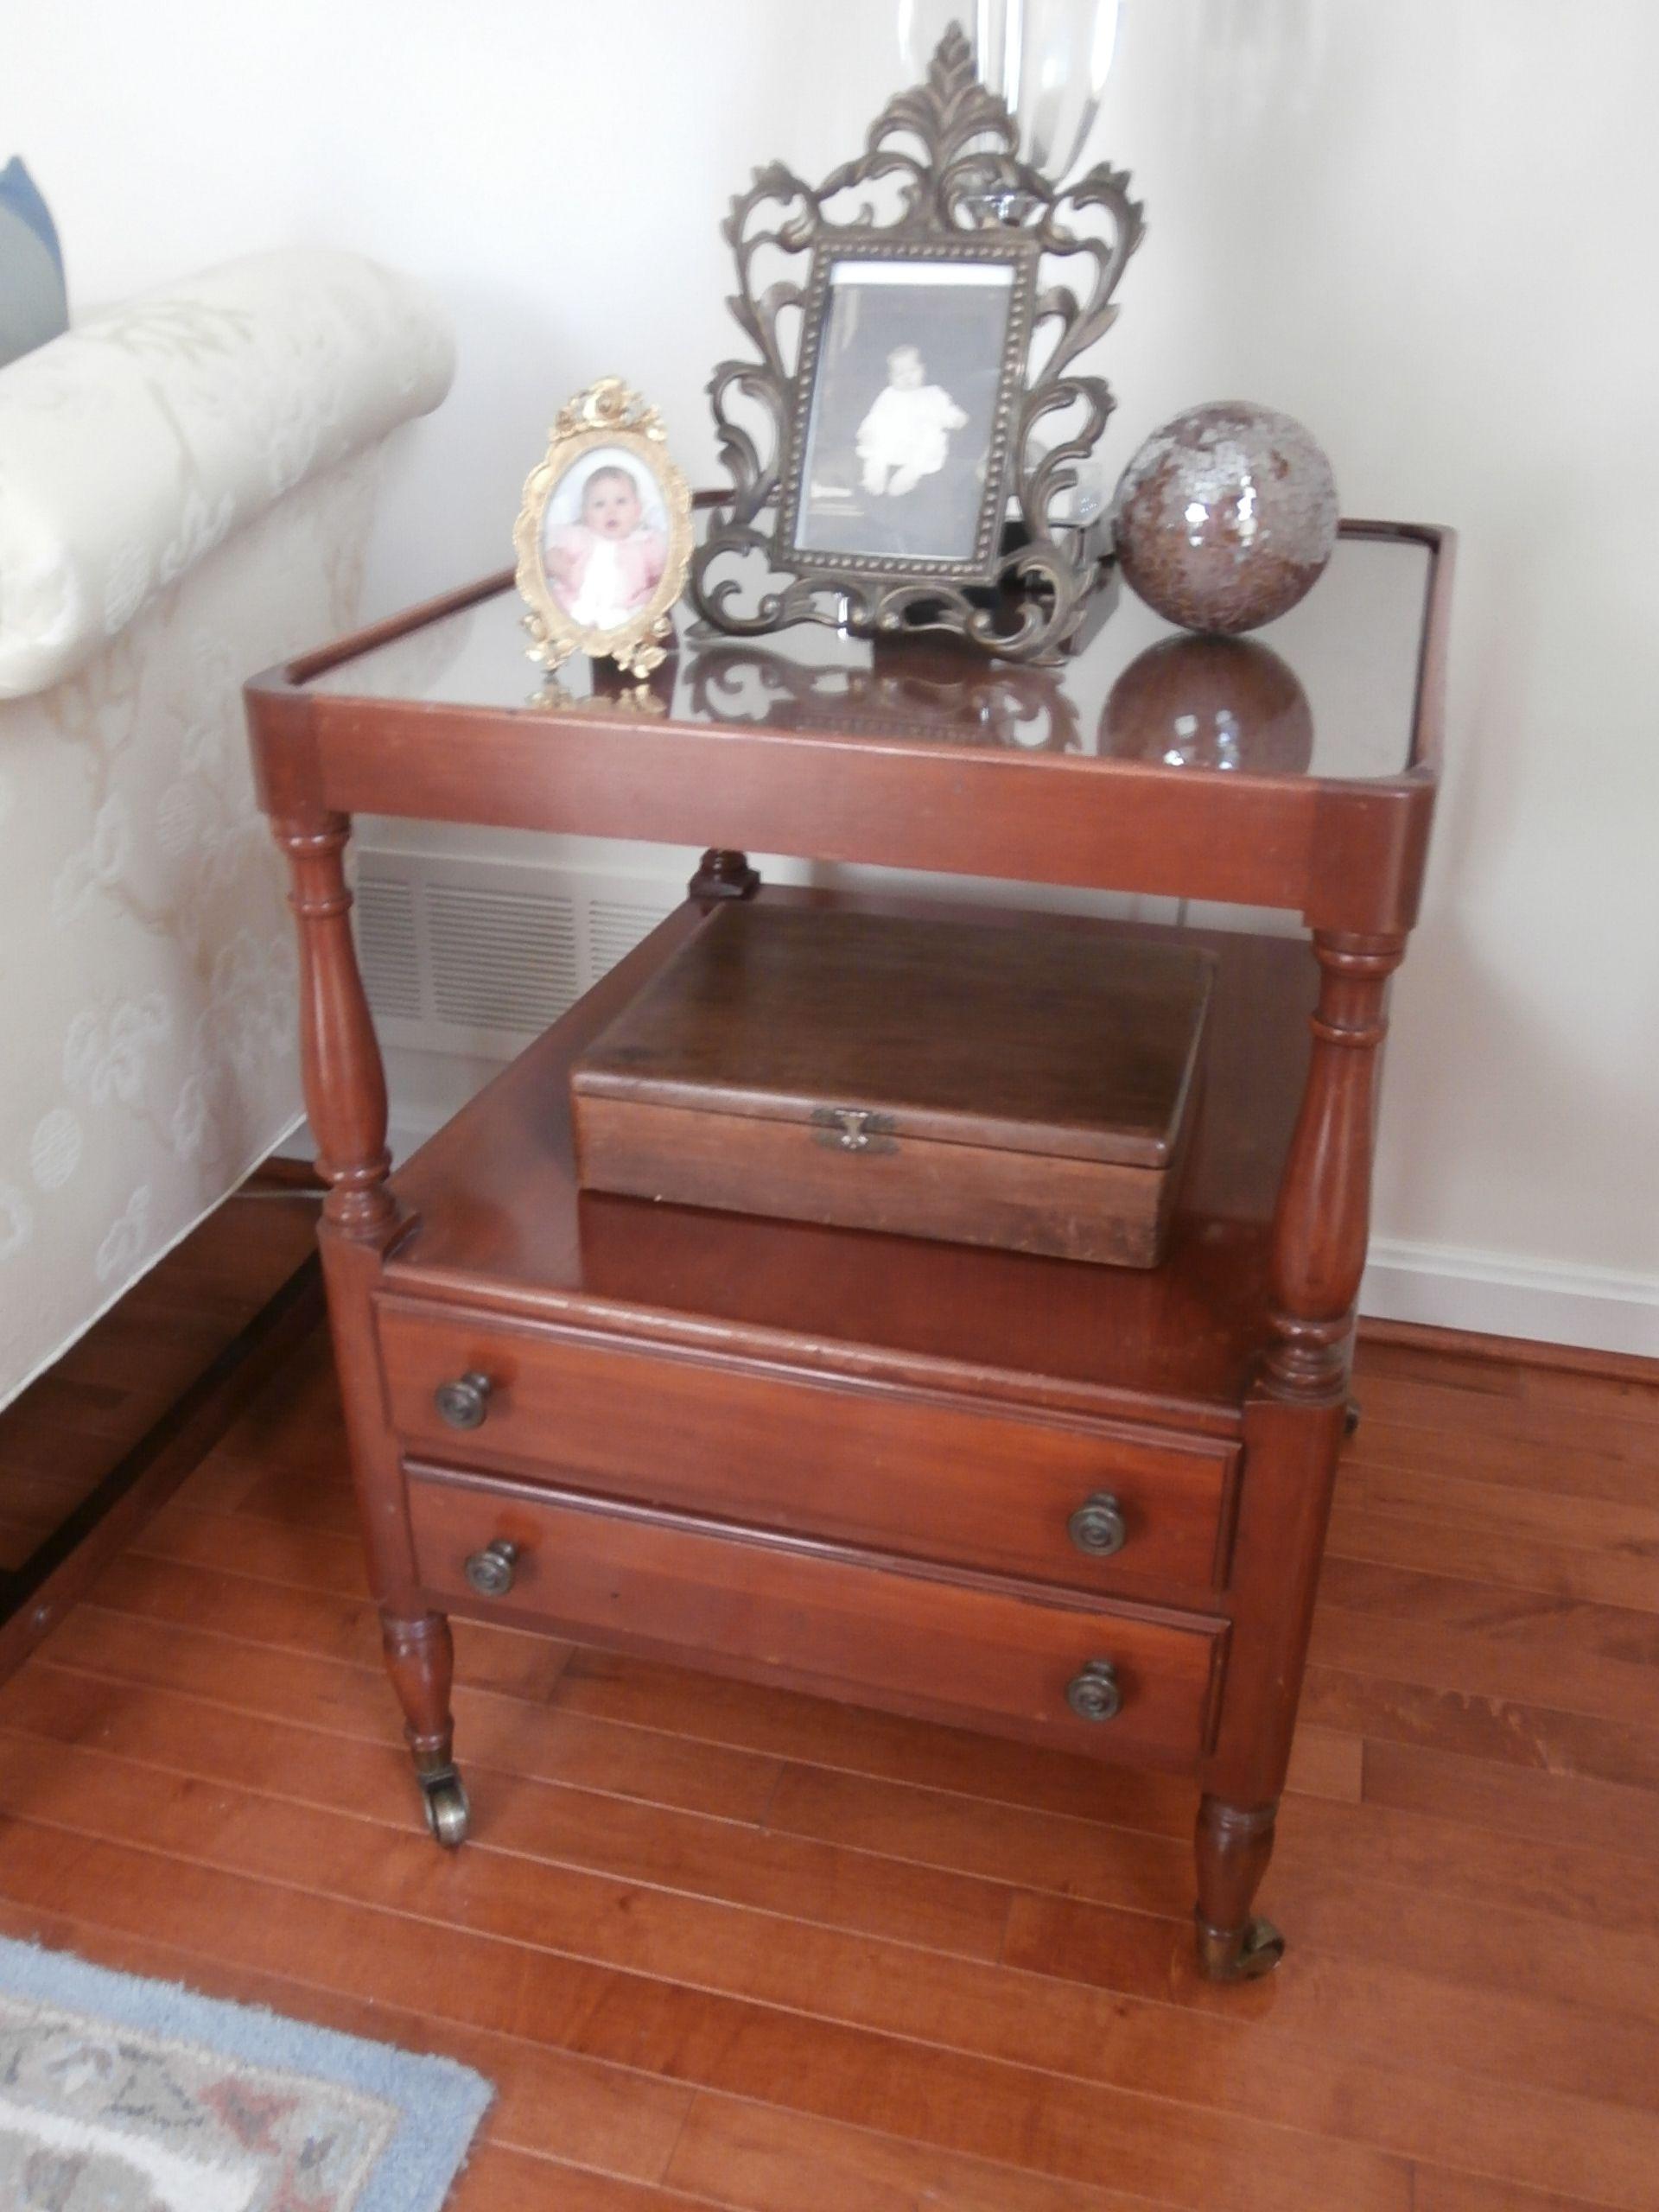 Willett Furniture My Cherry Endtable (found Through Craigslist) With  Willett Walnut Poker Case (